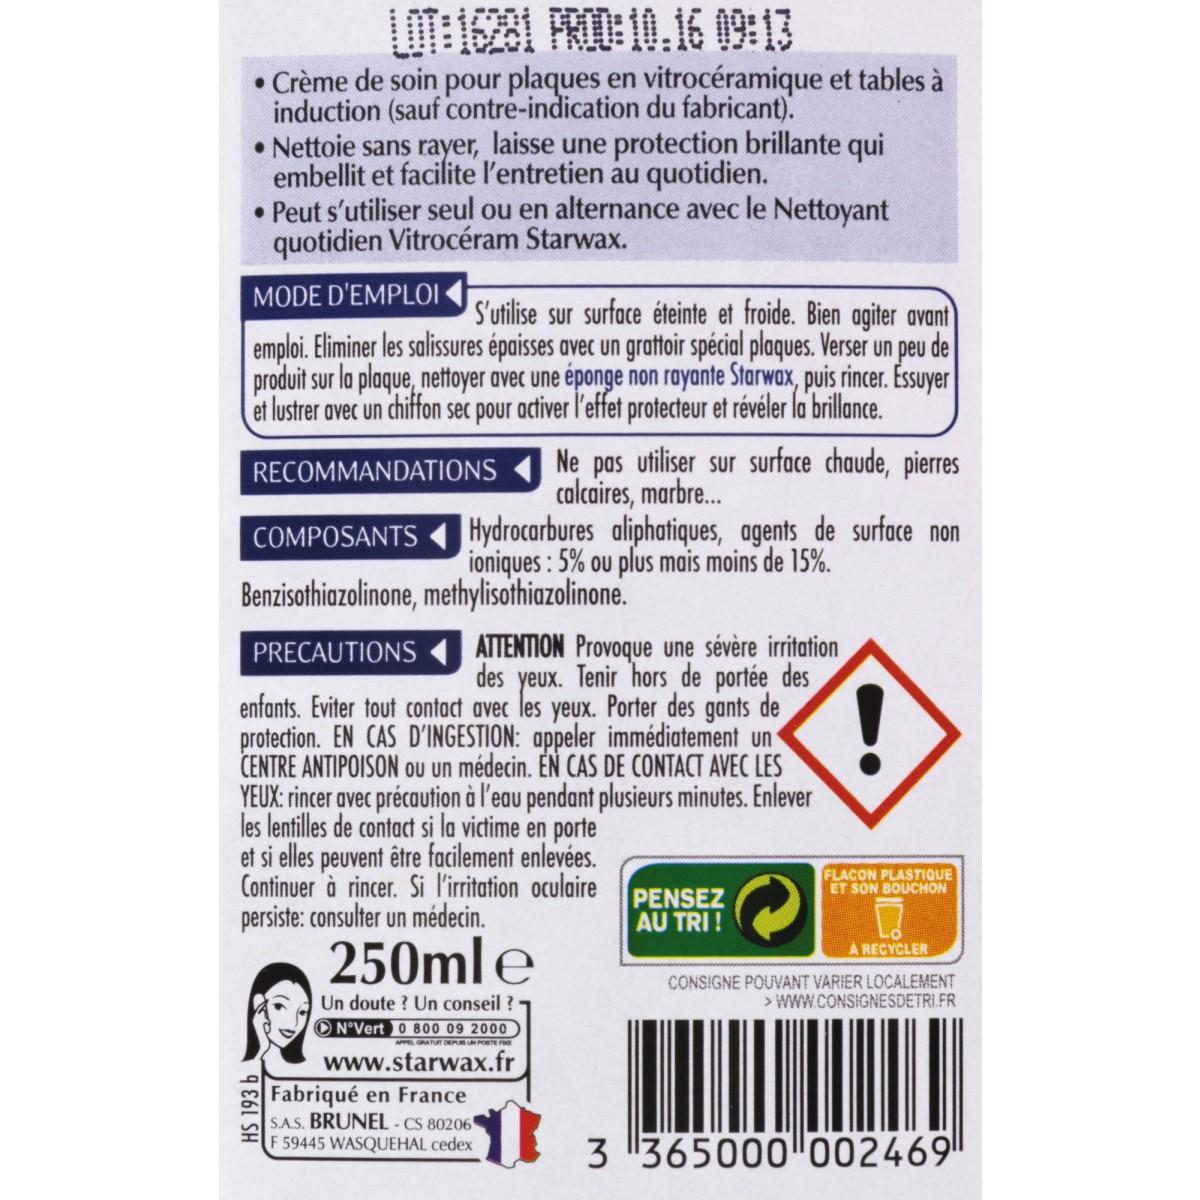 Crème de soin pour vitrocéramique Starwax - Flacon 250 ml